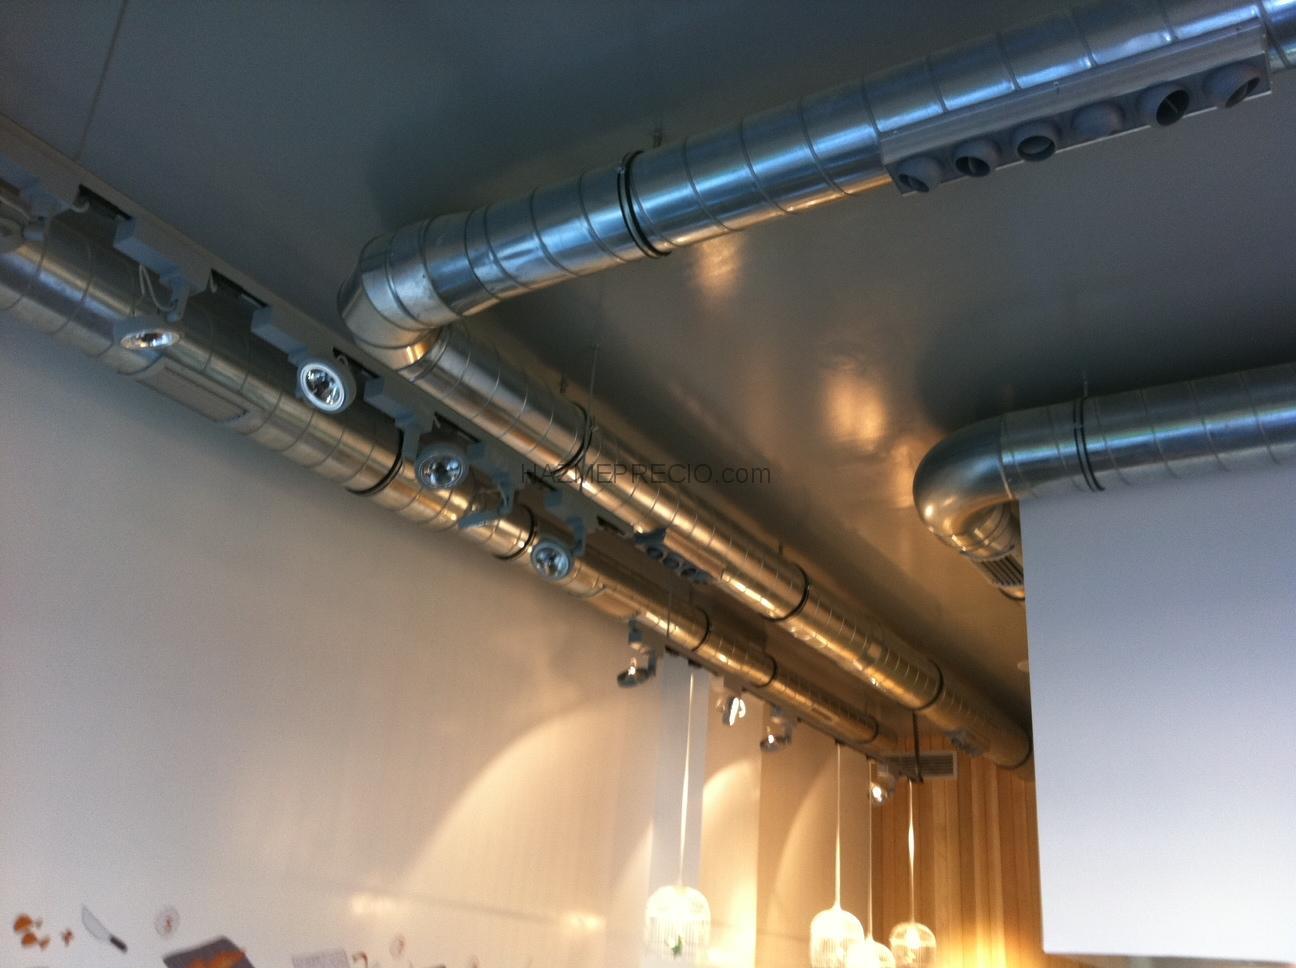 Montajes electricos c q 28500 arganda del rey madrid - Conductos de chapa ...